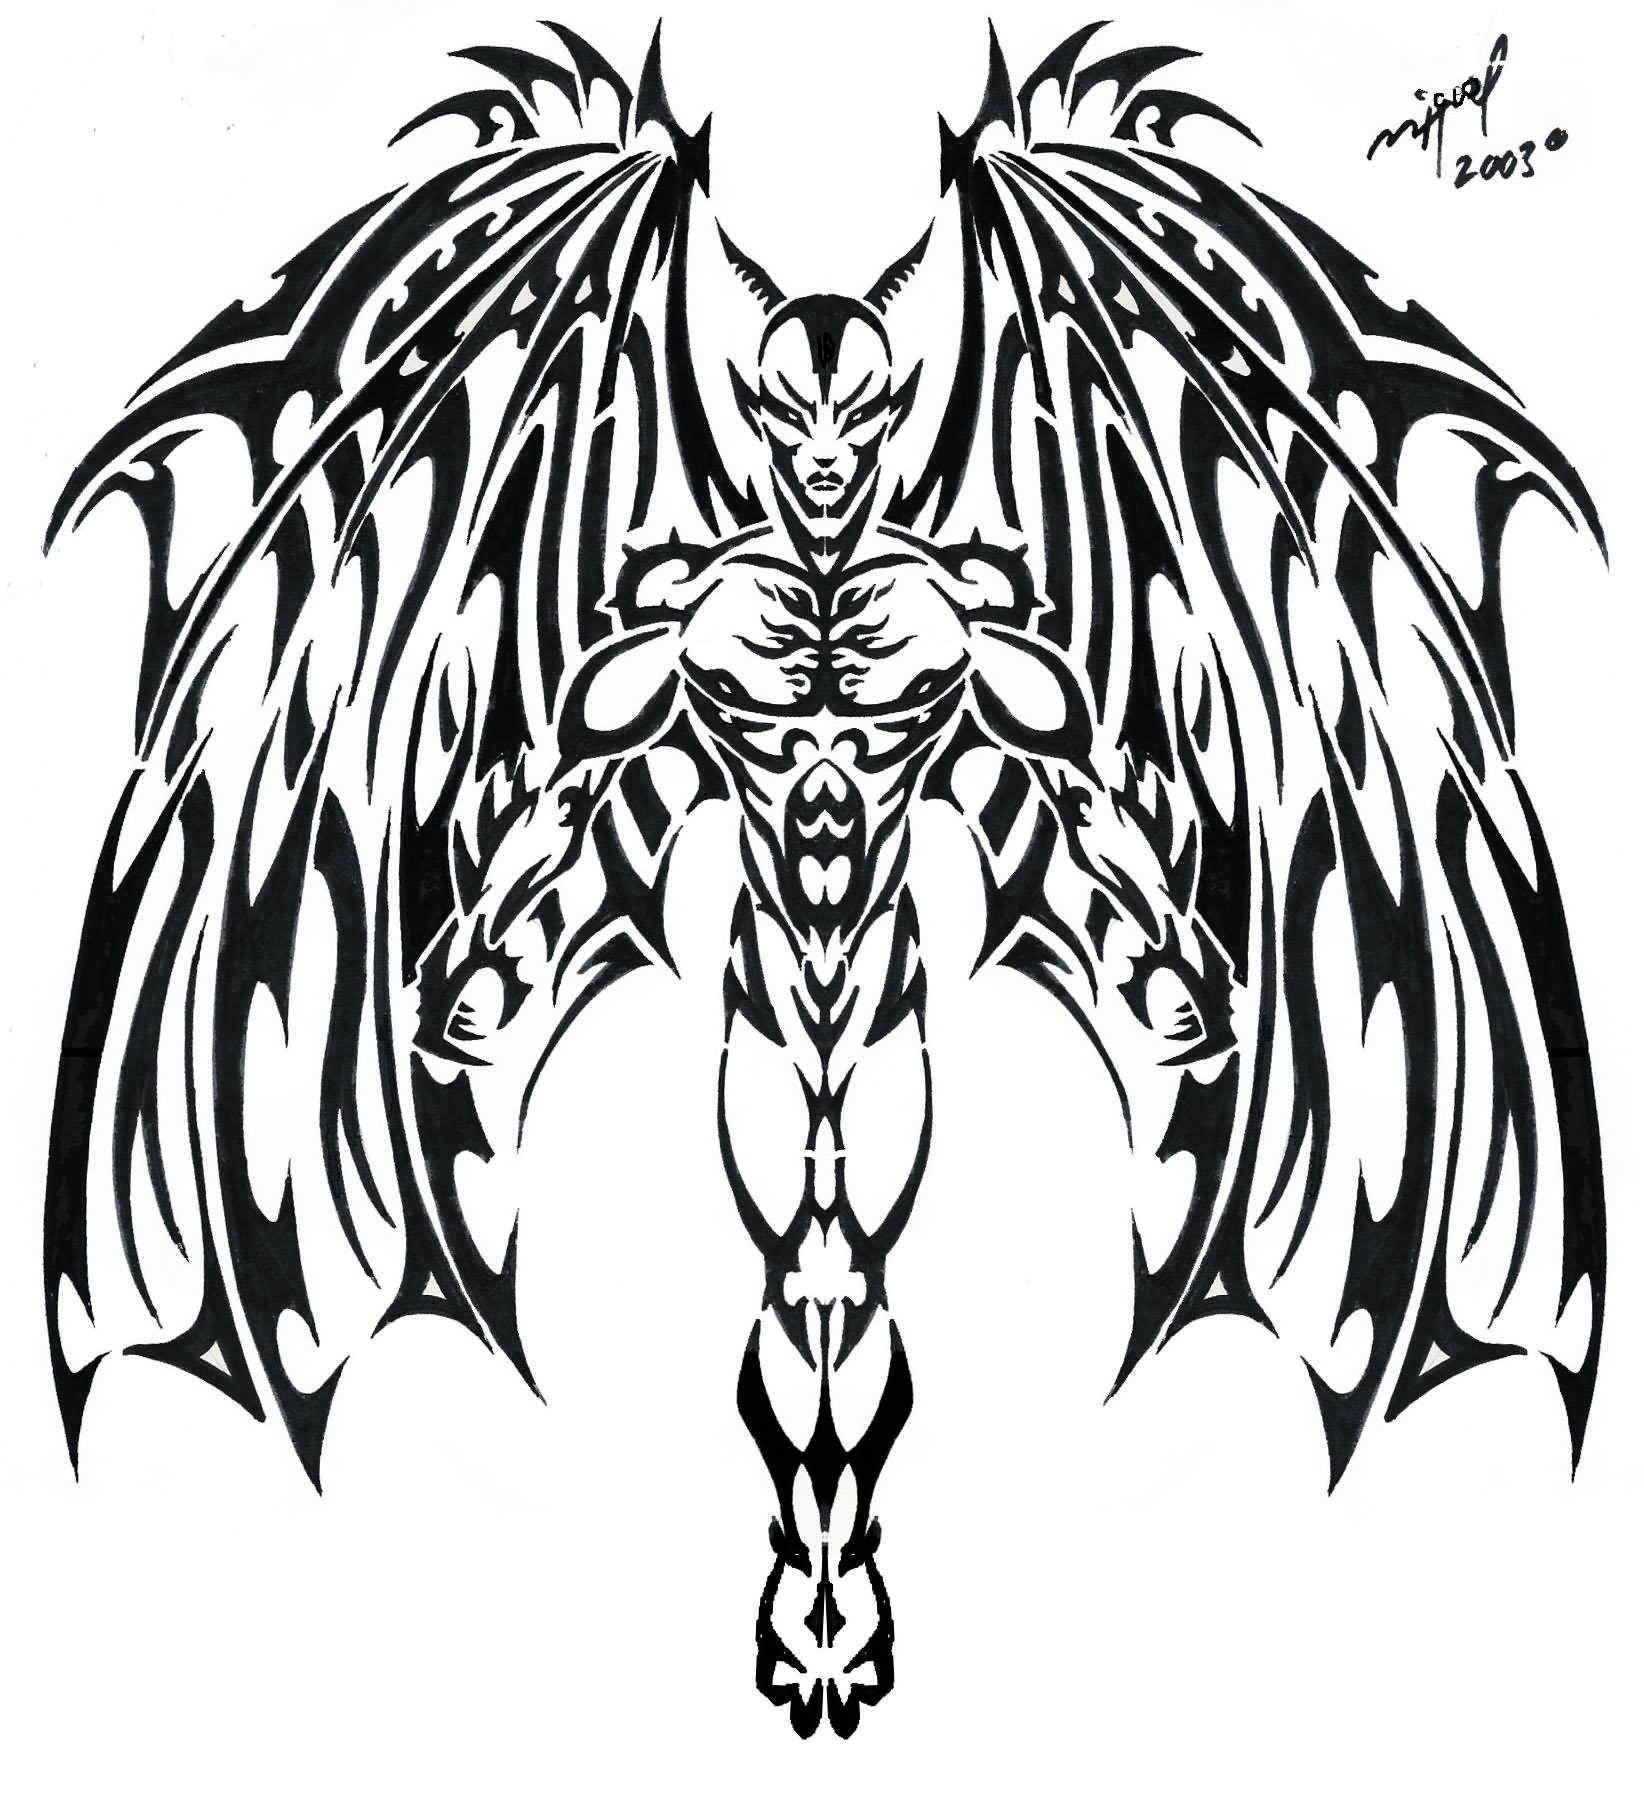 Tribal-Tattoos Black-Tribal-Demon-Tattoo-Stencil-By-Mig-Fernandez